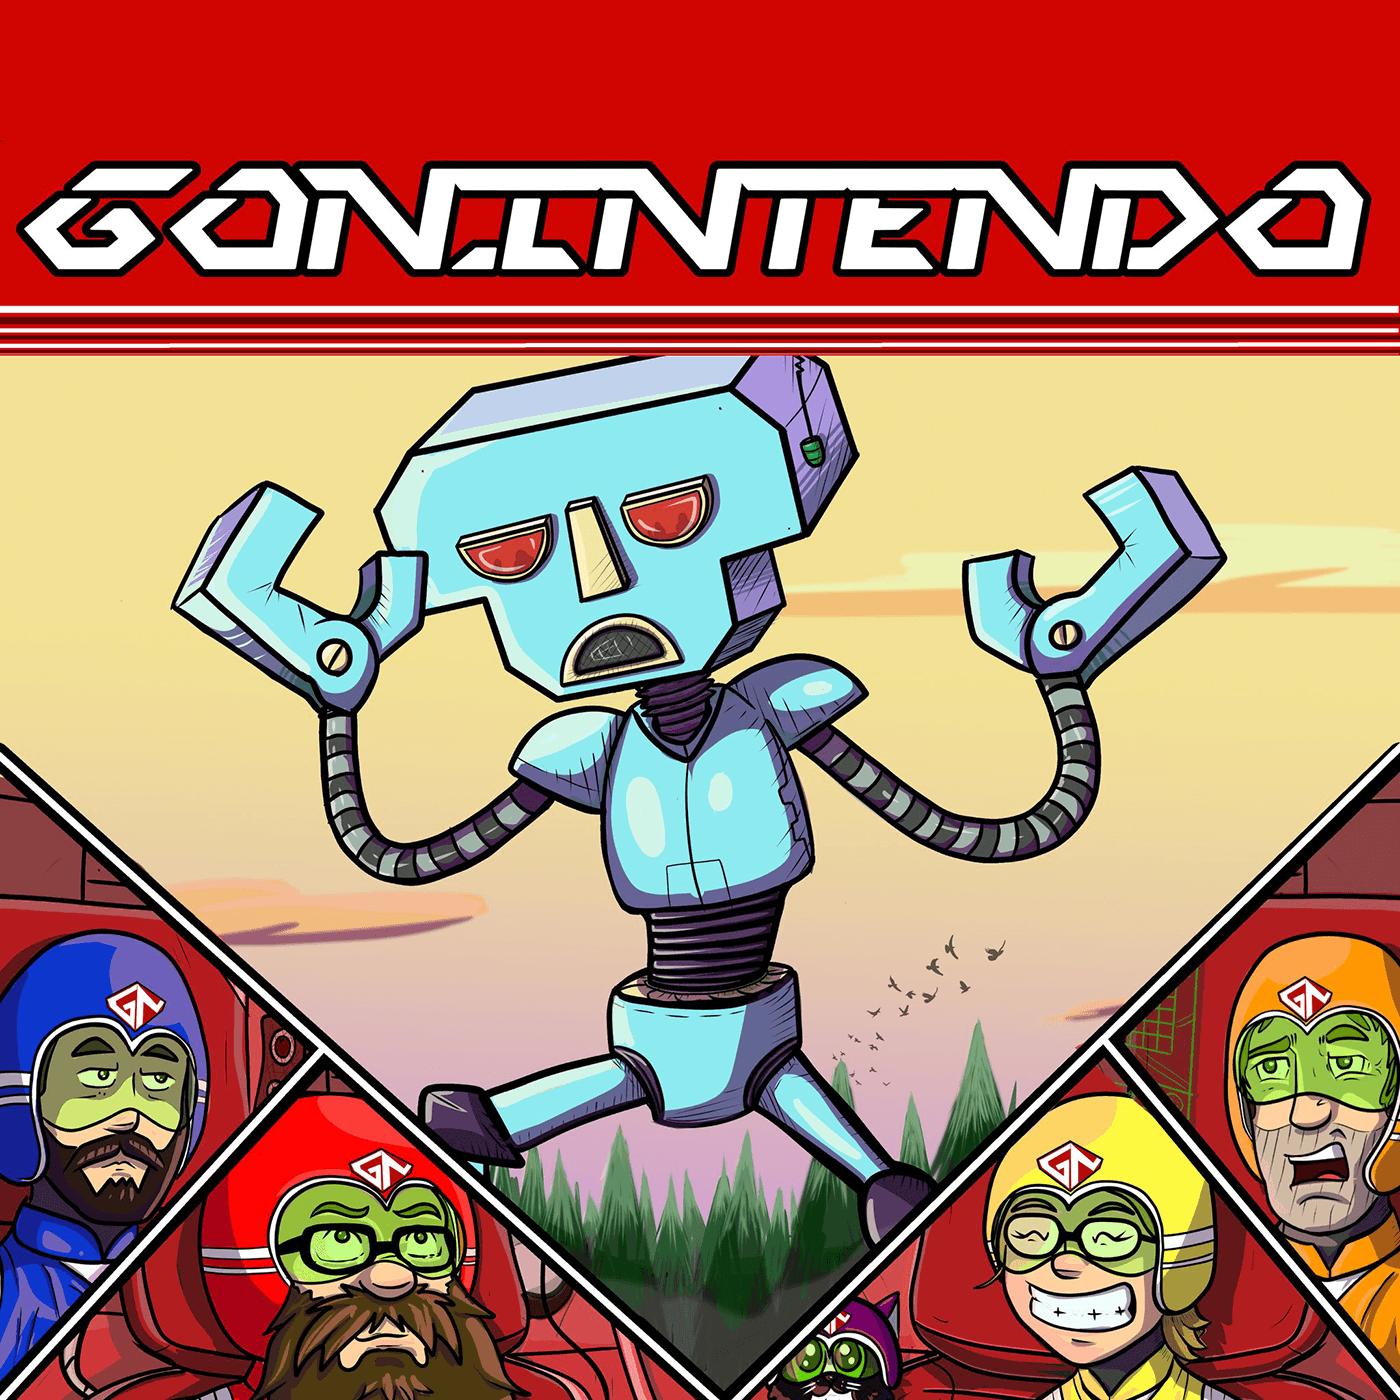 Go Nintendo Podcast